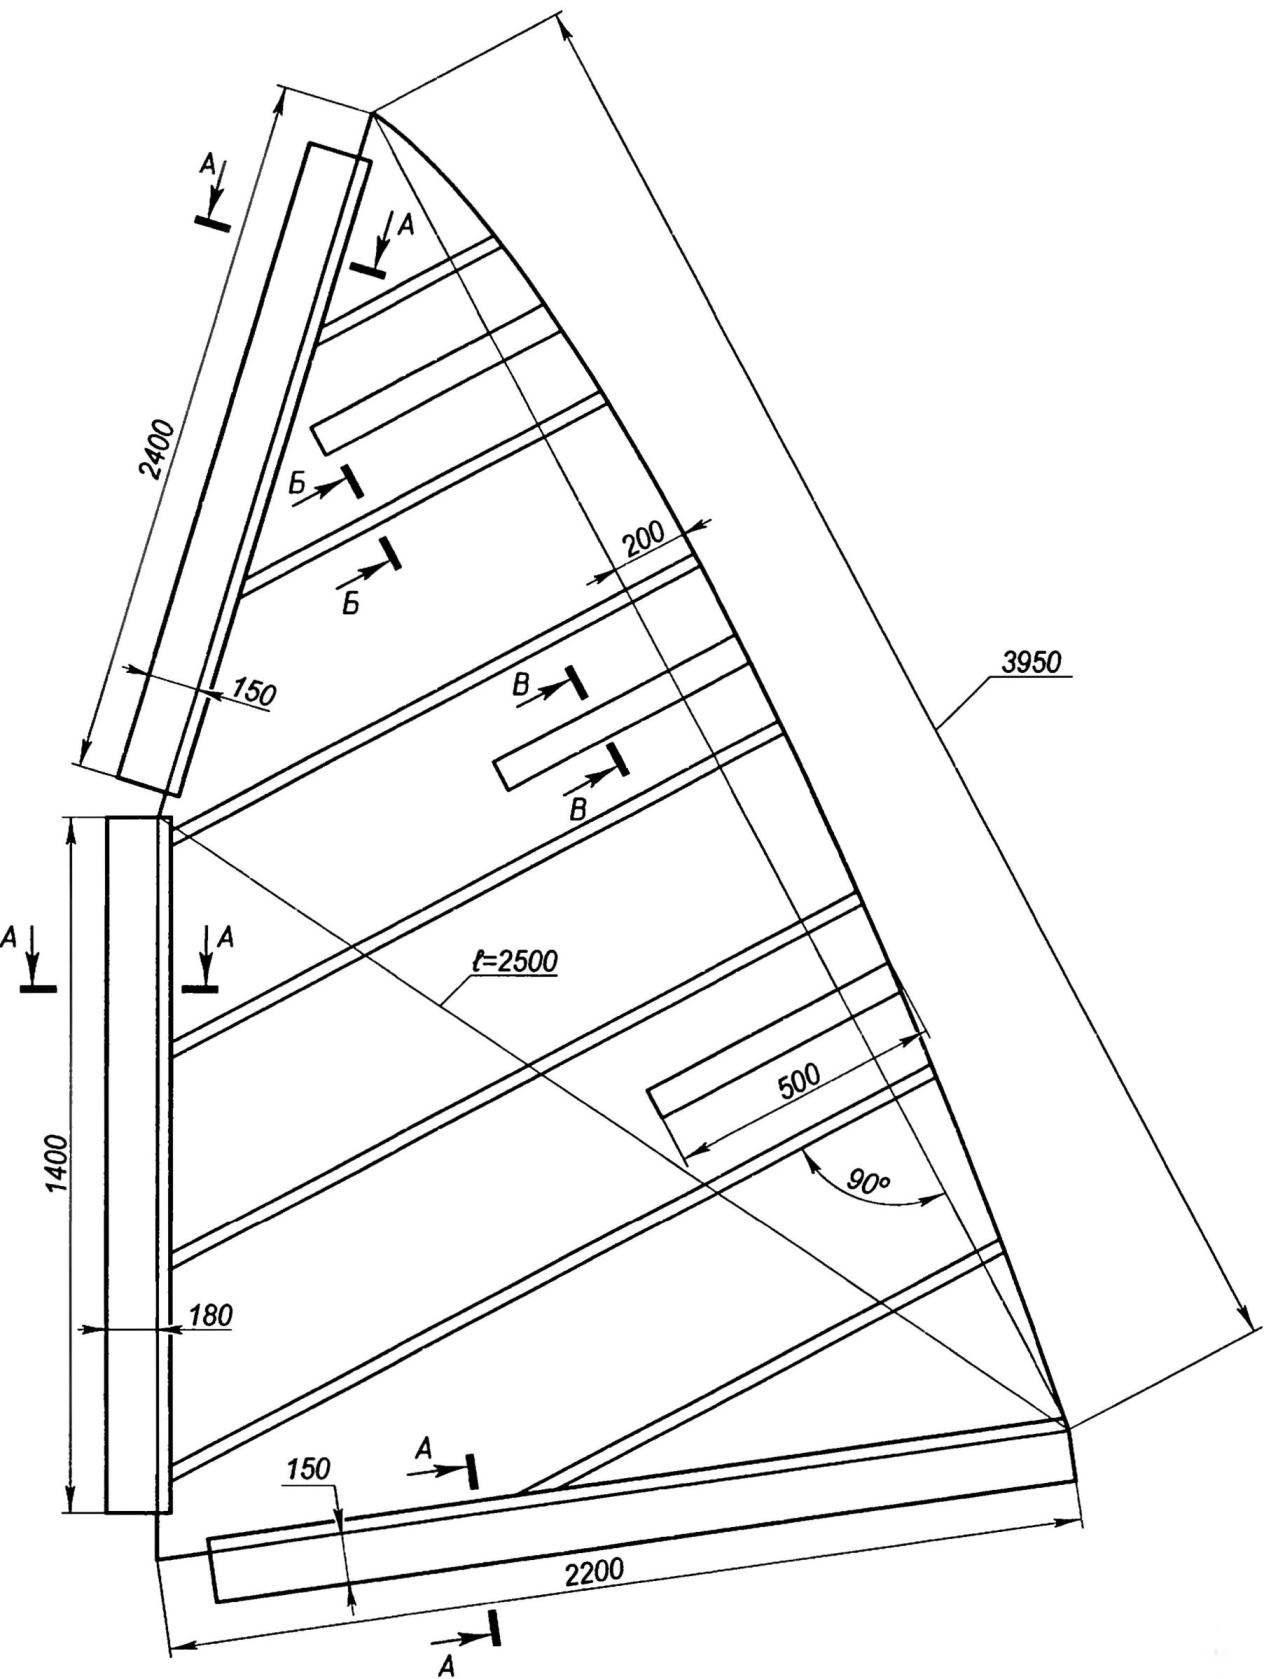 ДП—диаметральная плоскость ОЛ—основная линия